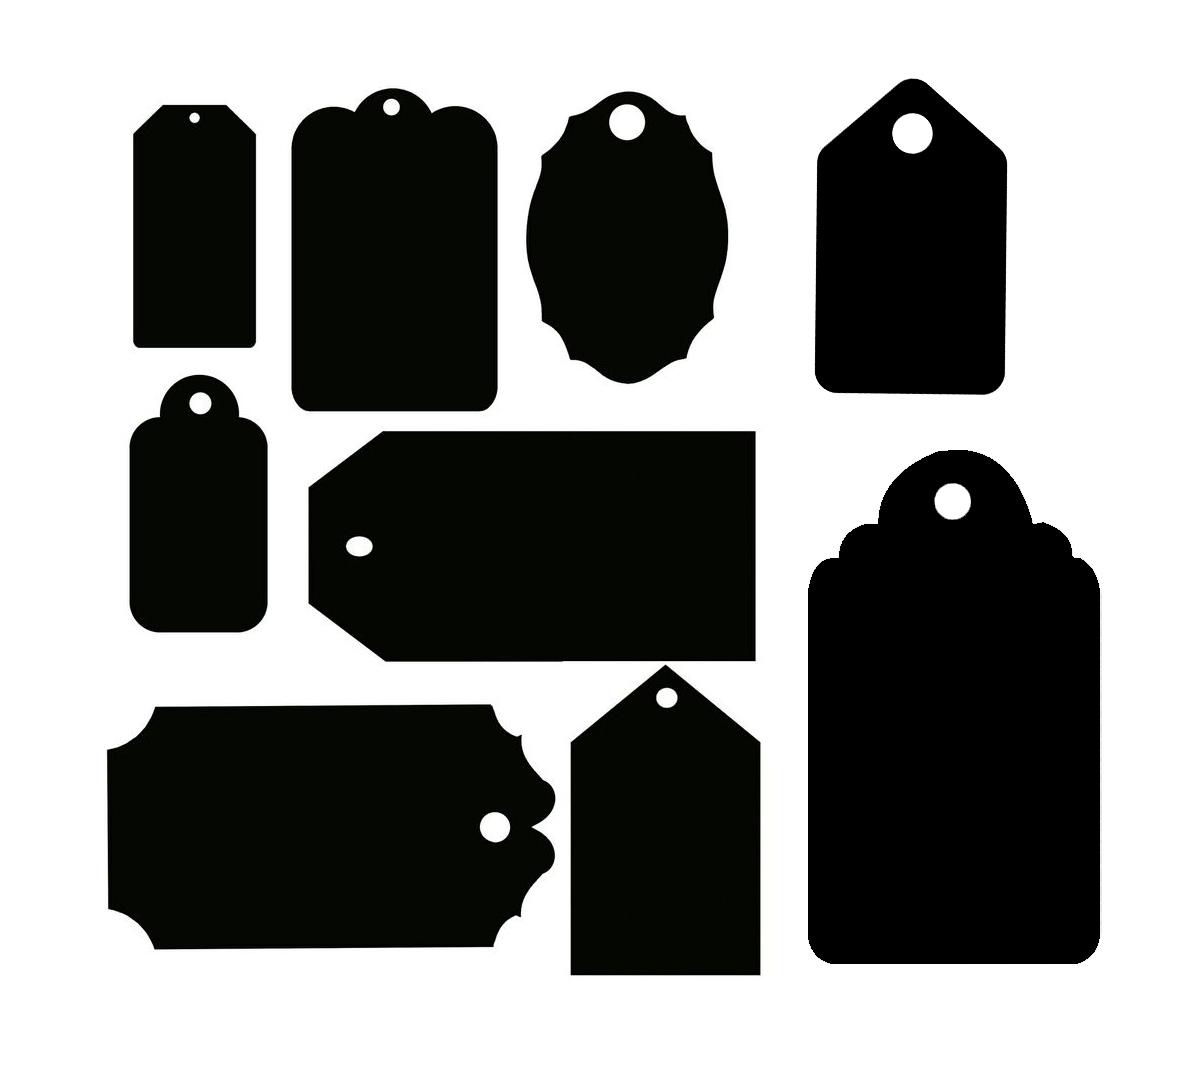 Шаблоны бирок или тэгов разных форм и размеров